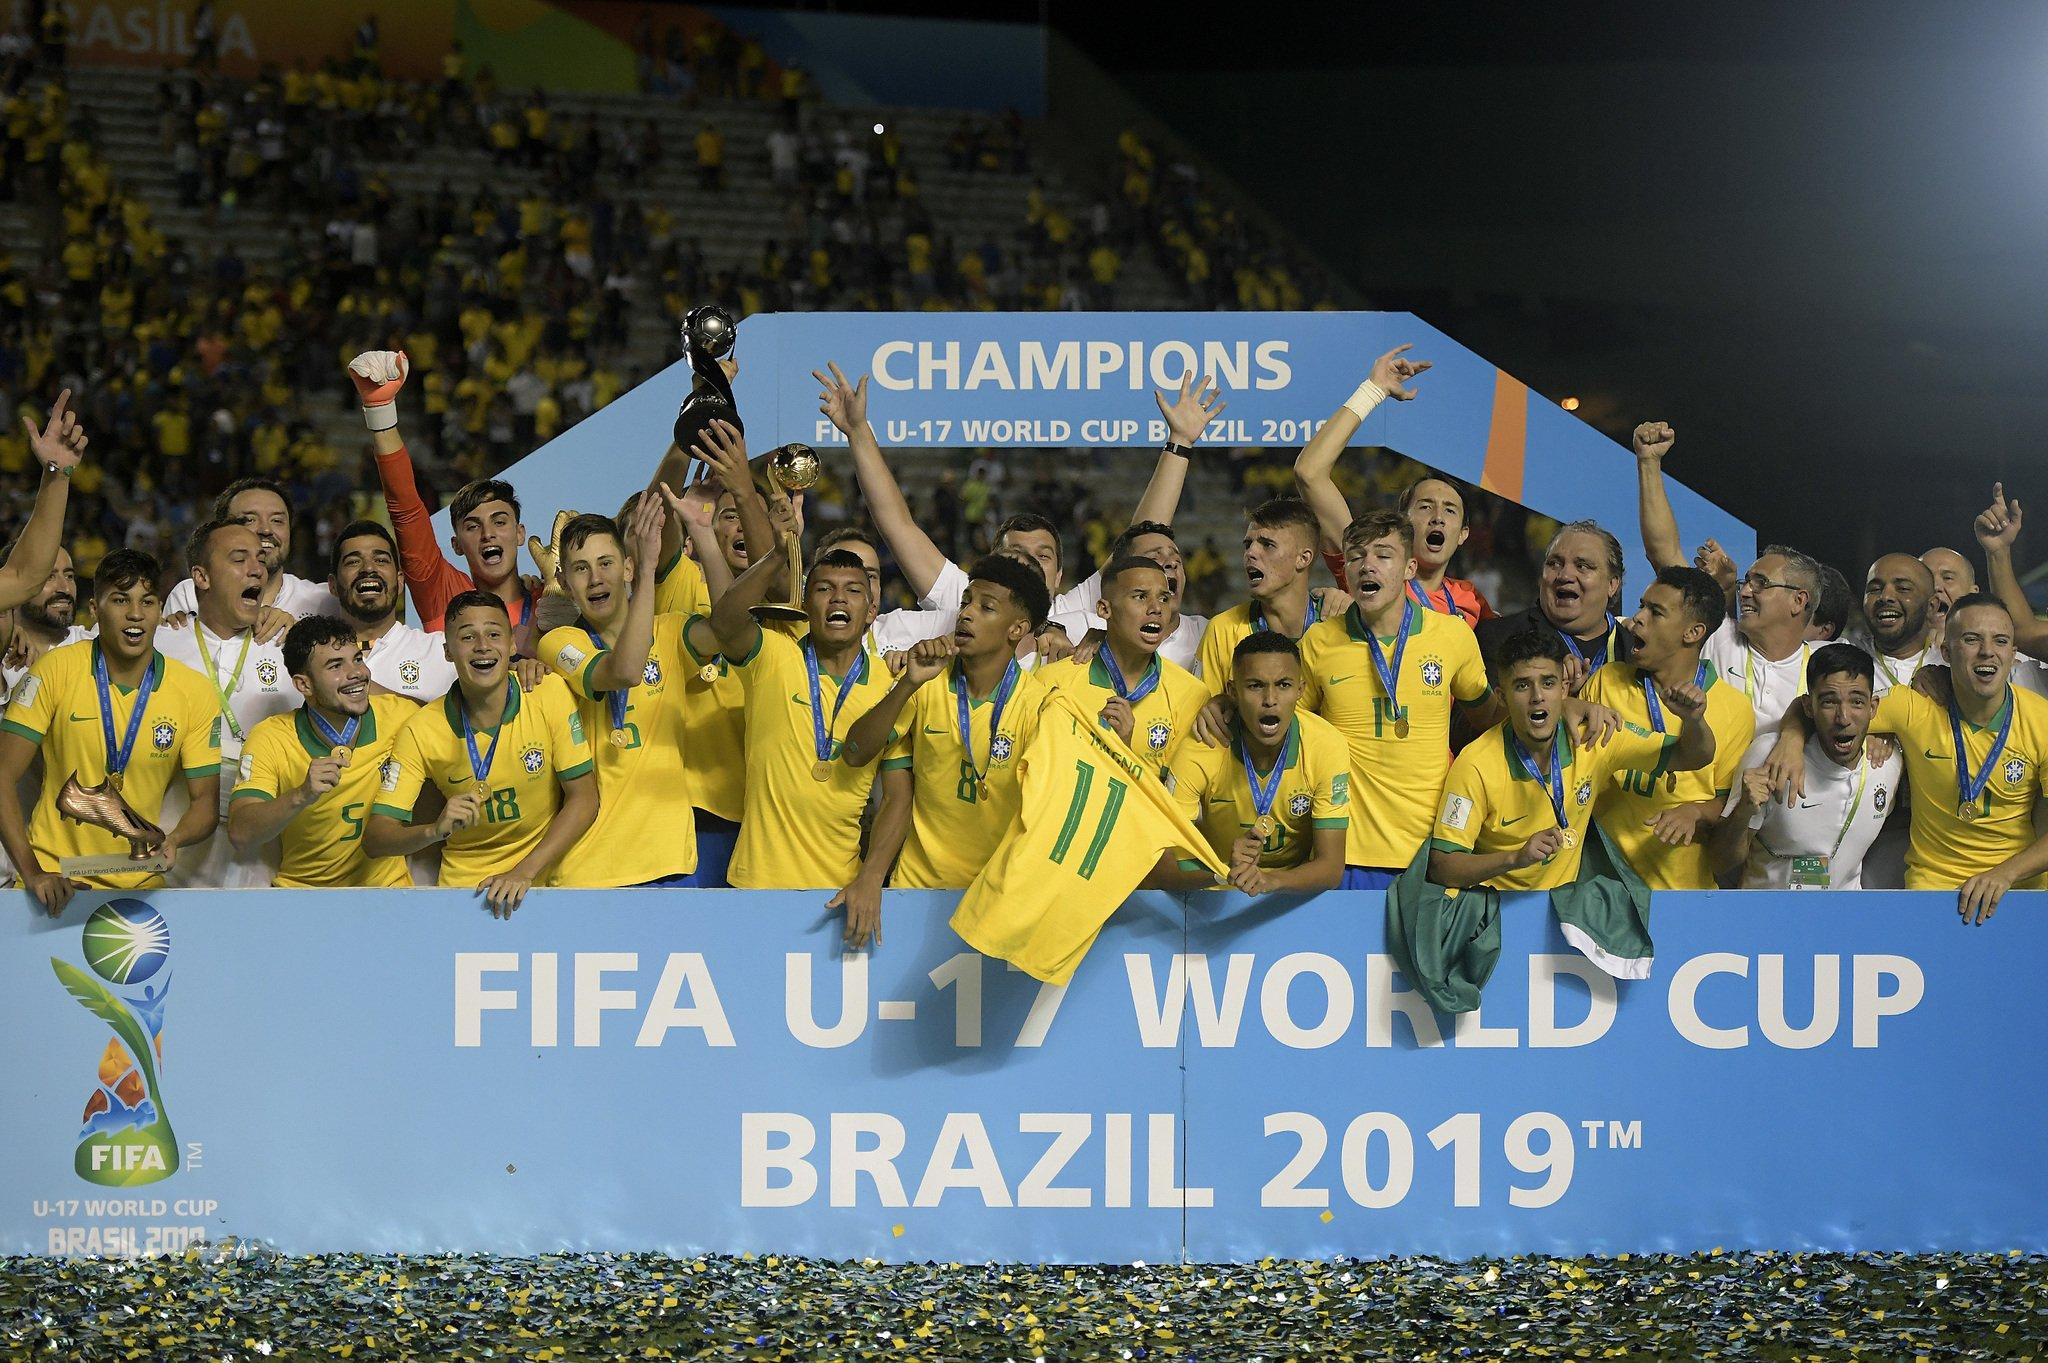 Um ano da conquista da Copa do Mundo Sub-17: o que mudou na Seleção Brasileira?